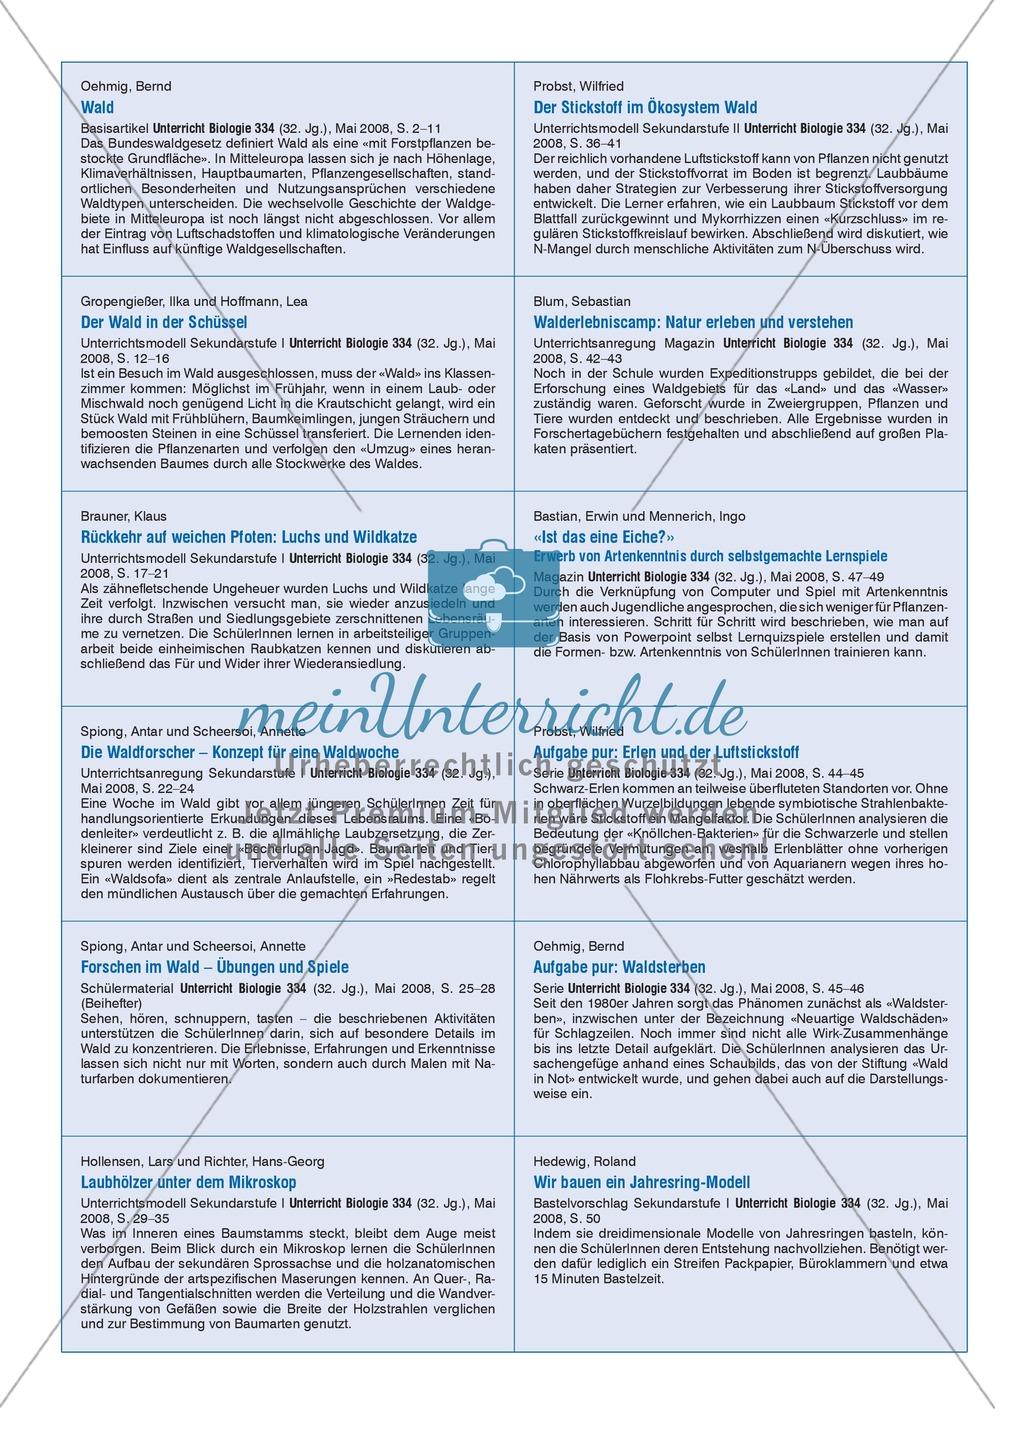 Der Stickstoff im Ökosystem Wald - Info-Text und Aufgaben Preview 7